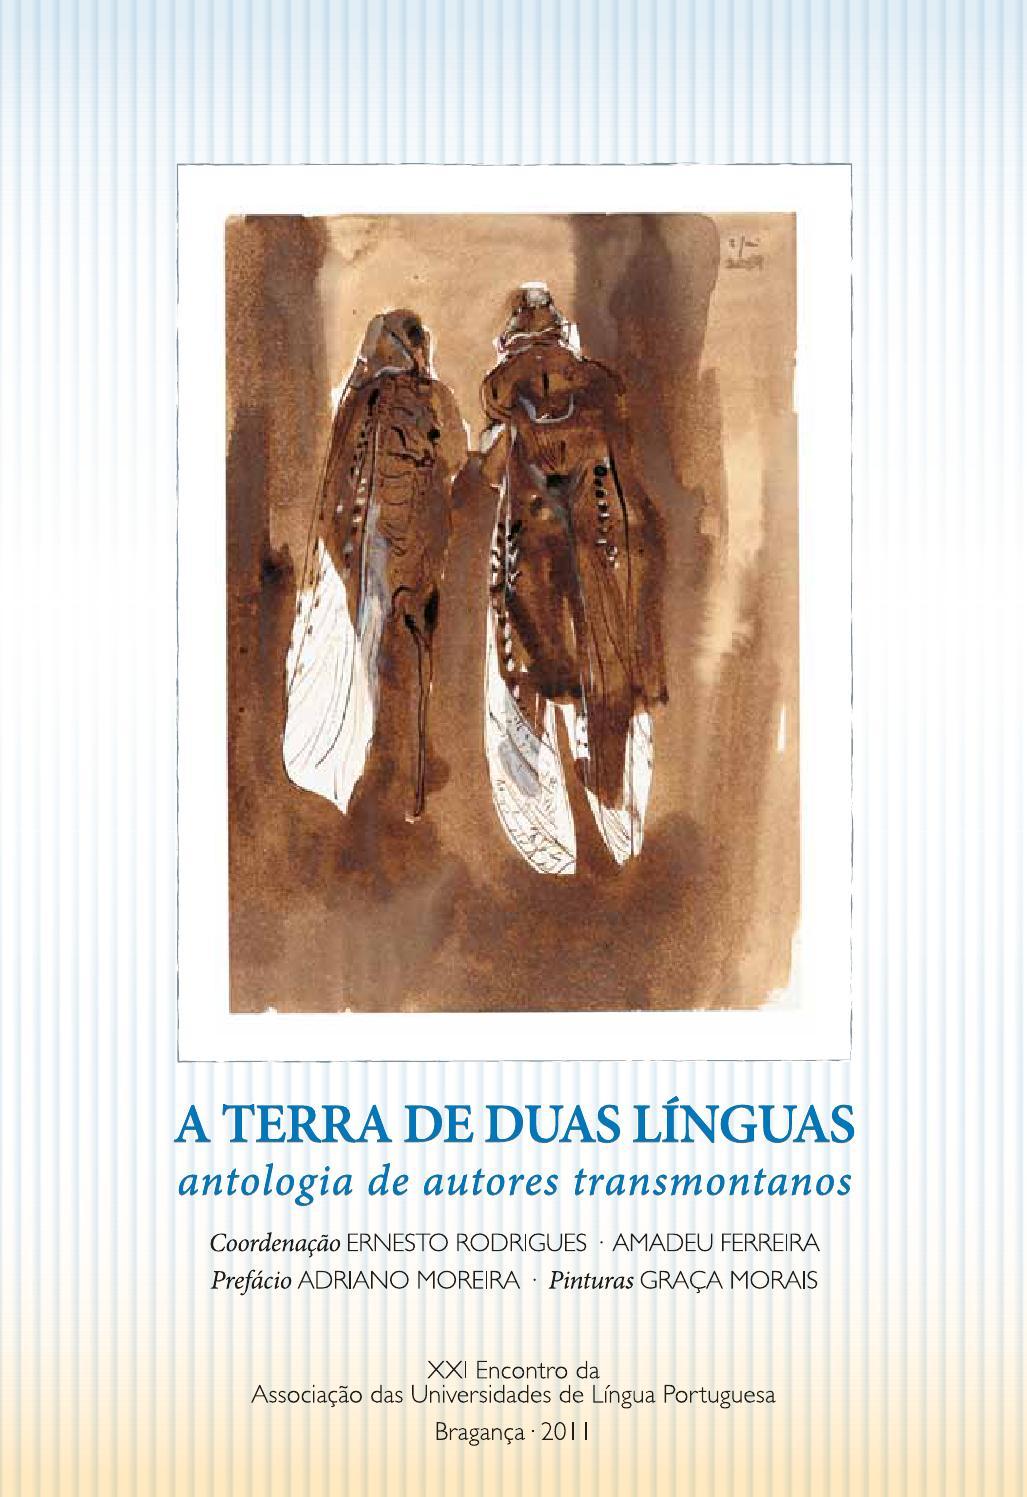 b2004b9af A terra de duas línguas primeira parte by Lelo Demoncorvo - issuu